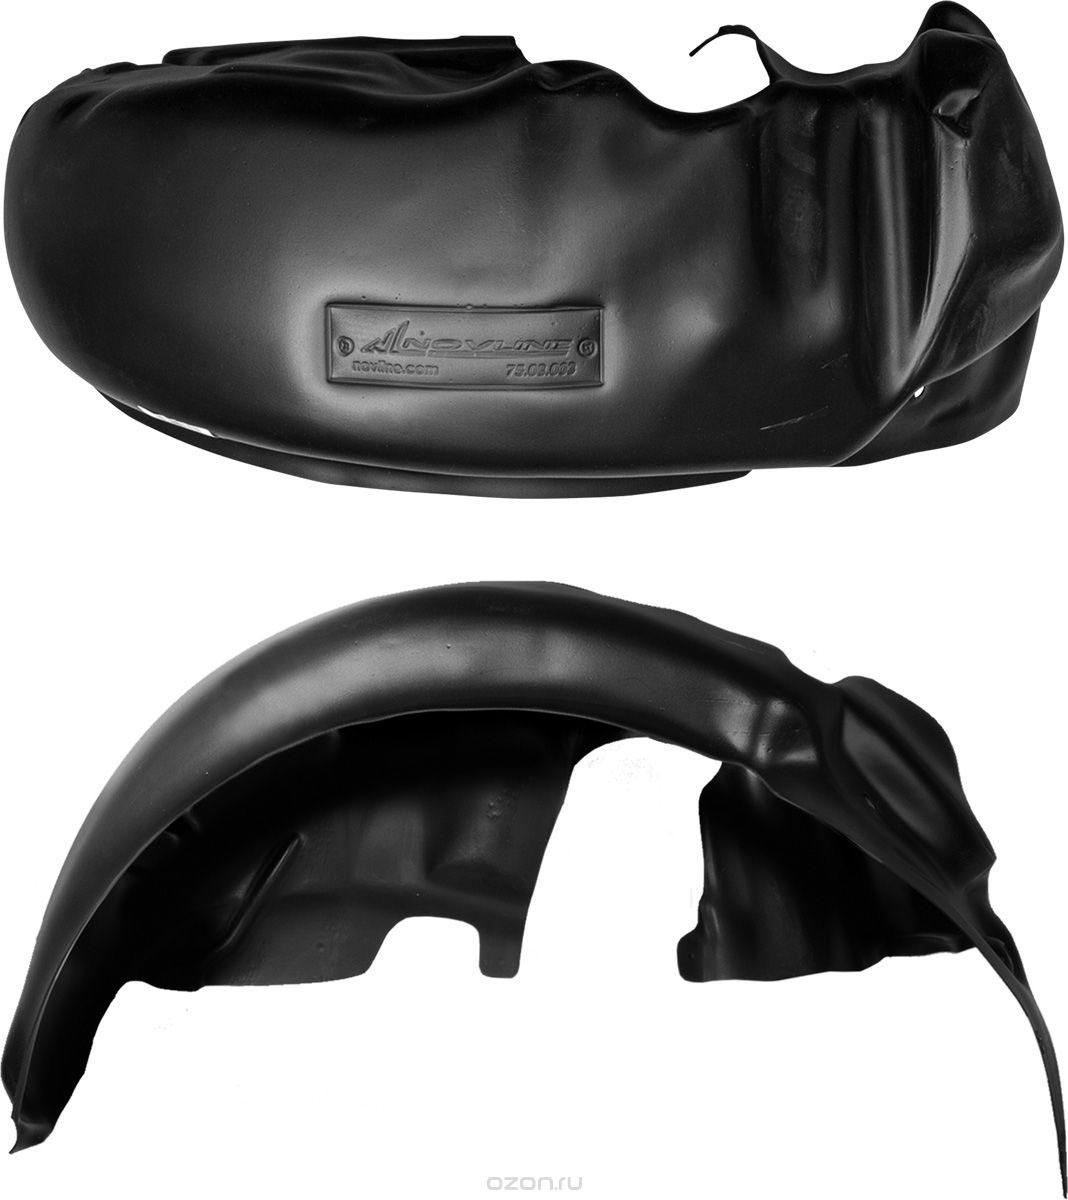 Подкрылок Novline-Autofamily, для HAIMA M3, 09/2014->, сед., передний левый000414Идеальная защита колесной ниши. Локеры разработаны с применением цифровых технологий, гарантируют максимальную повторяемость поверхности арки. Изделия устанавливаются без нарушения лакокрасочного покрытия автомобиля, каждый подкрылок комплектуется крепежом. Уважаемые клиенты, обращаем ваше внимание, что фотографии на подкрылки универсальные и не отражают реальную форму изделия. При этом само изделие идет точно под размер указанного автомобиля.